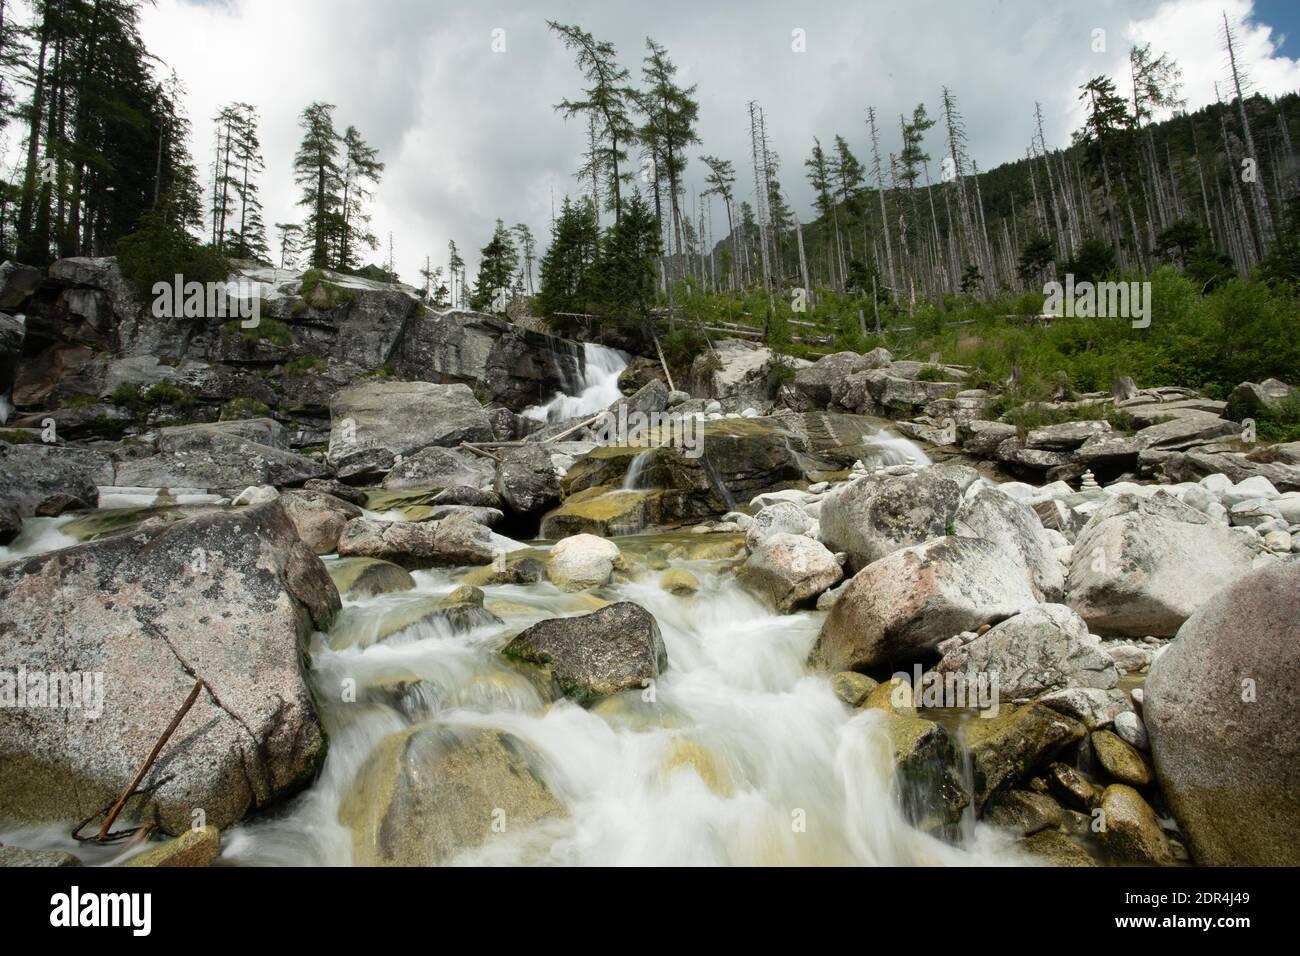 Cascades de Cold Stream dans la Grande Vallée froide à High Tatras, Slovaquie. Ciel nuageux. Banque D'Images